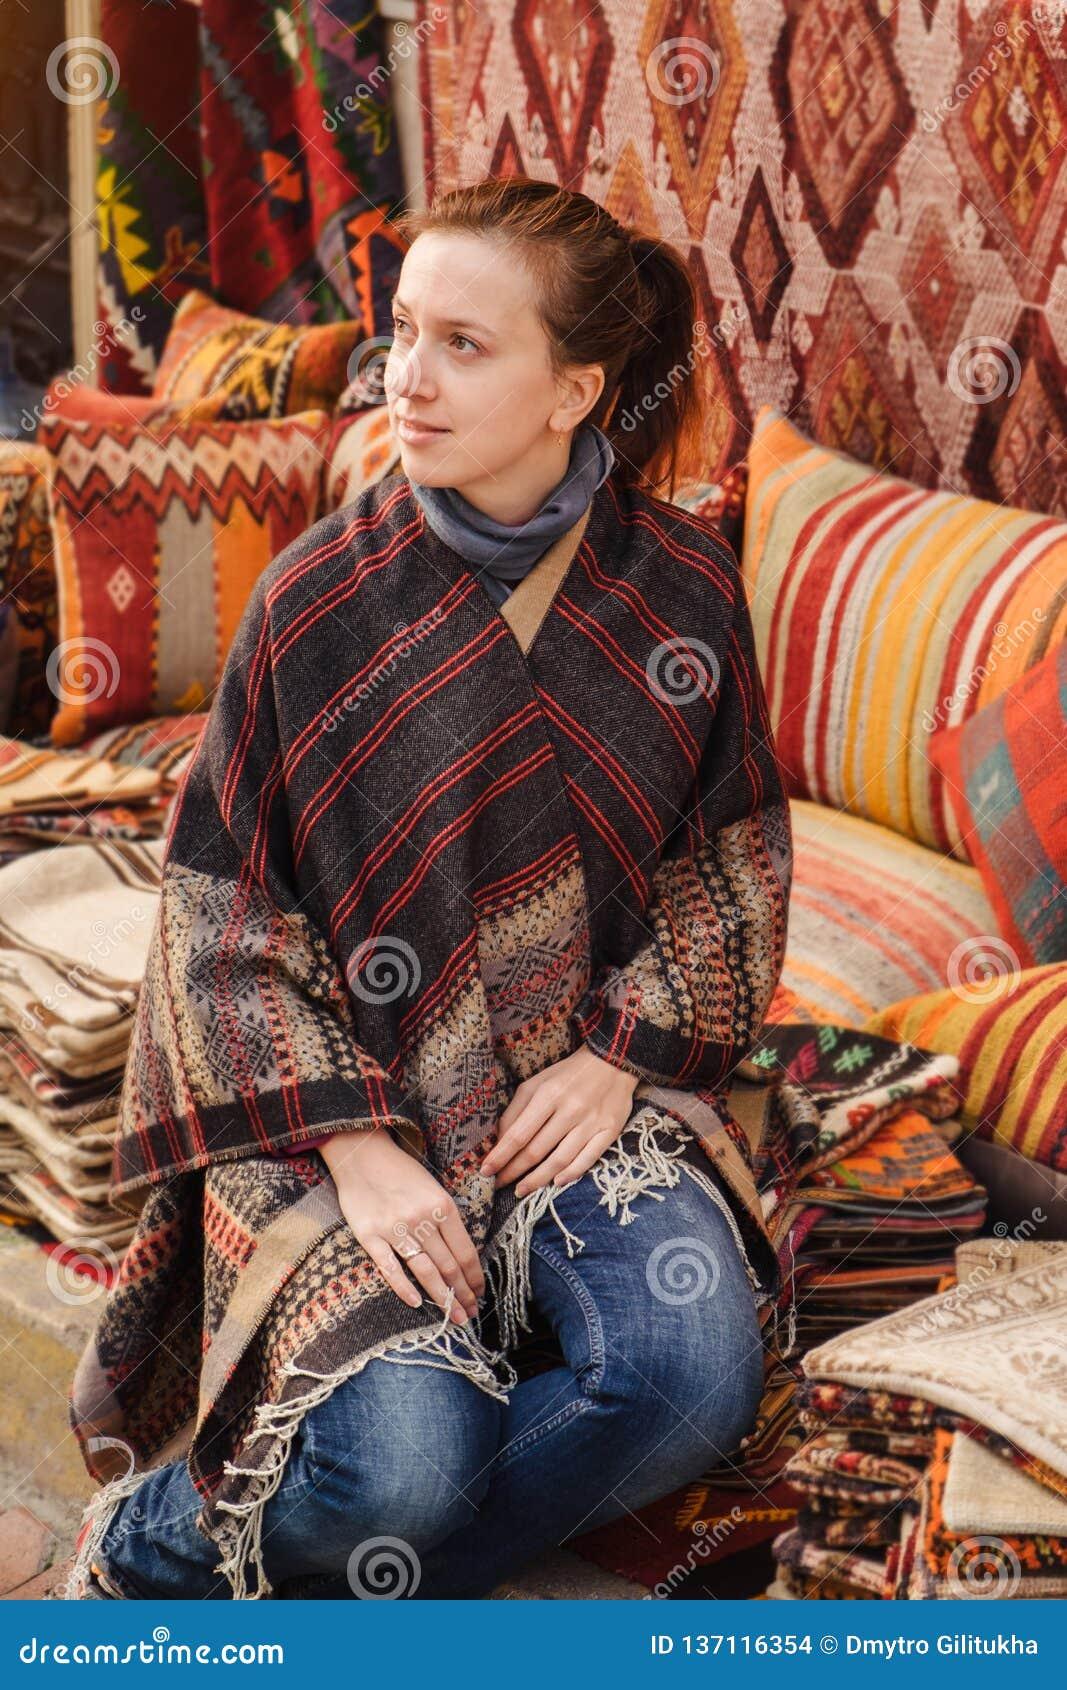 Ταξίδι στην Τουρκία Η γυναίκα βλέπει στο παραδοσιακό τουρκικό κλωστοϋφαντουργικό προϊόν